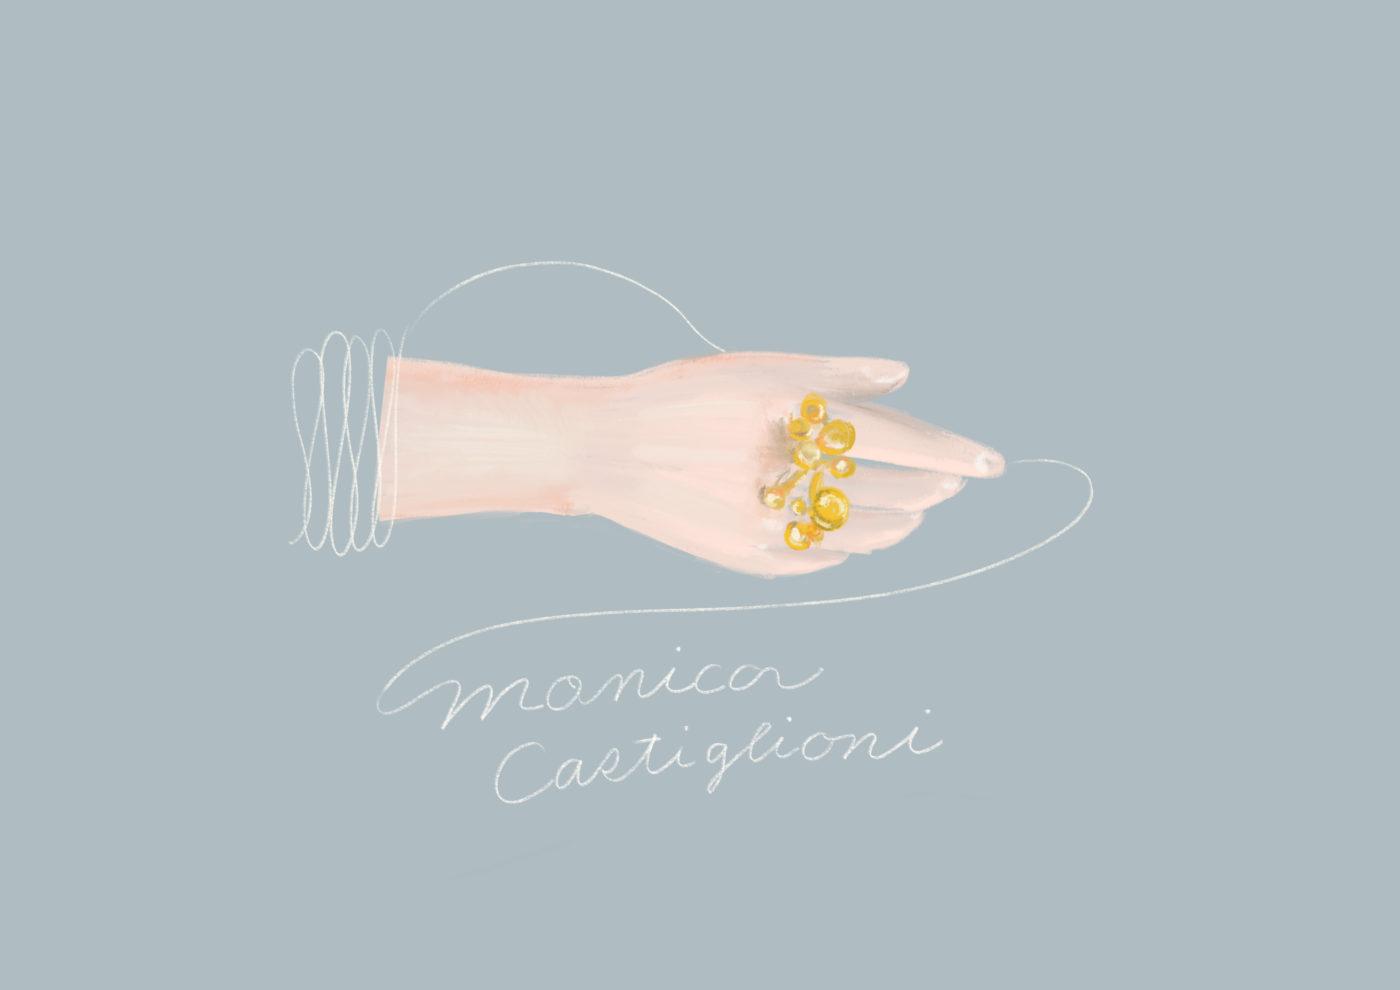 dieci芝川ビル店にて、ジュエリーデザイナー「Monica Castiglioni」の個展を開催